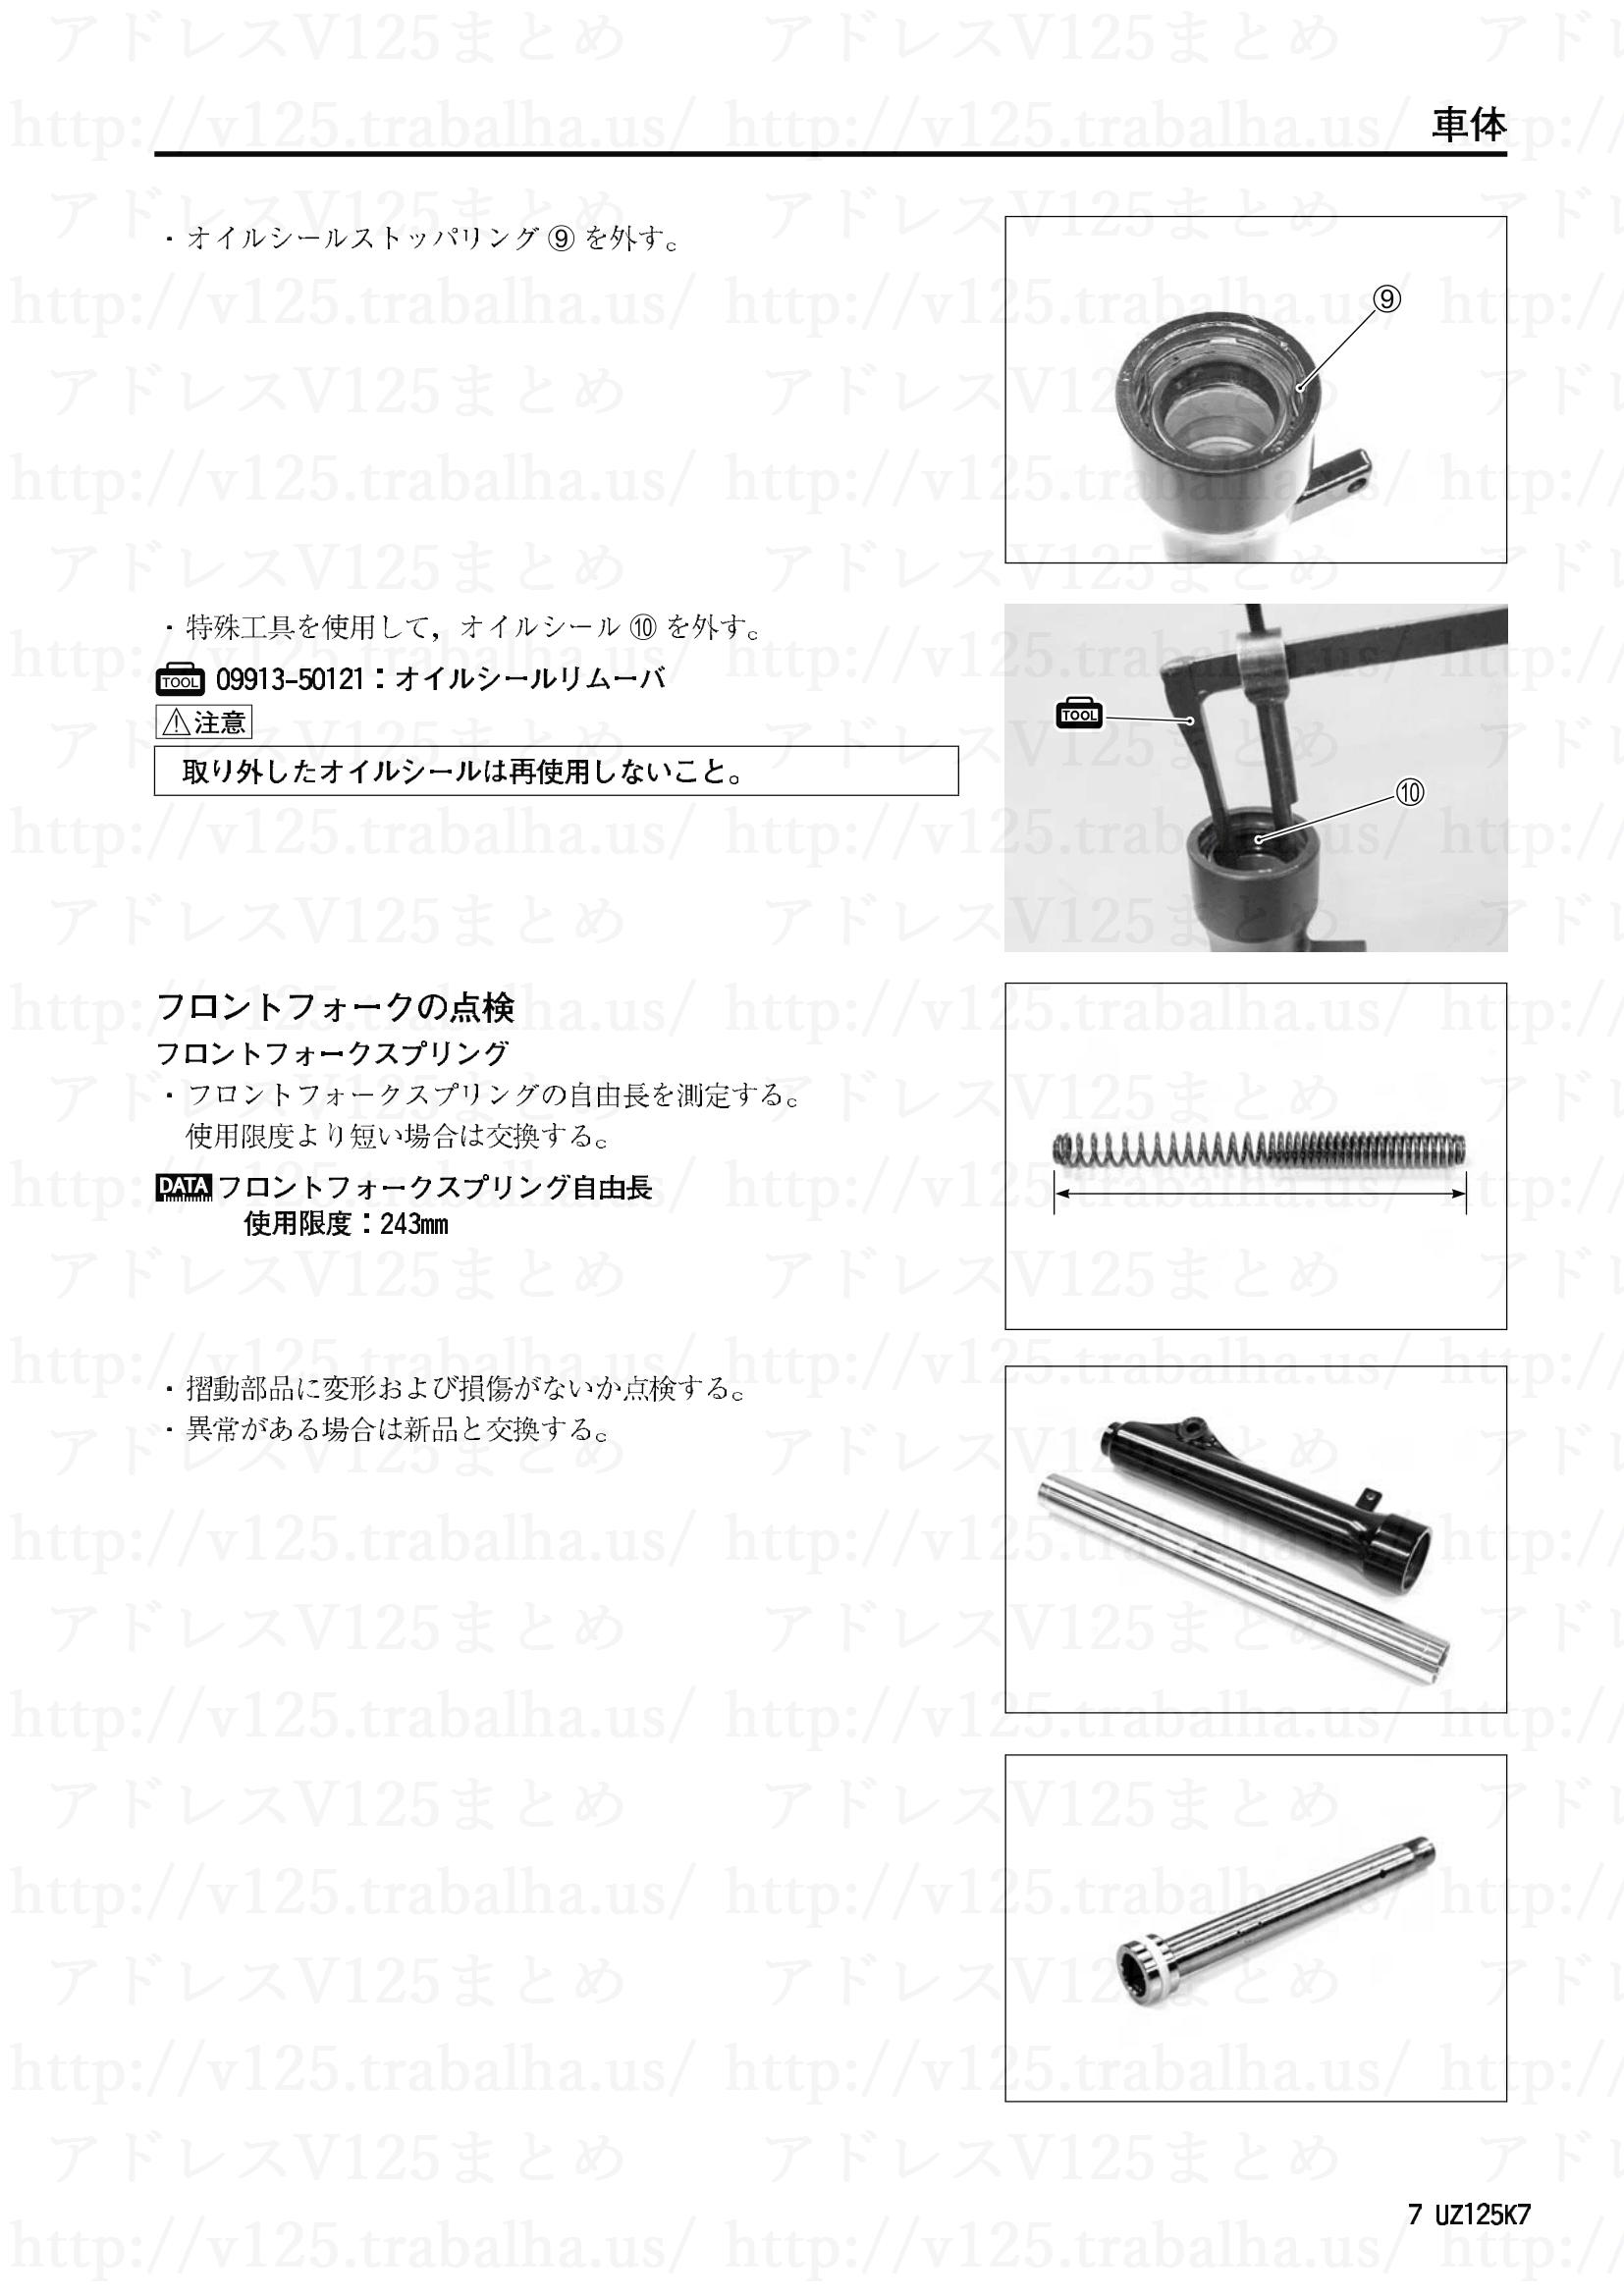 追補【UZ125K7/UZ125GK7】旧モデルとの主な相違点7